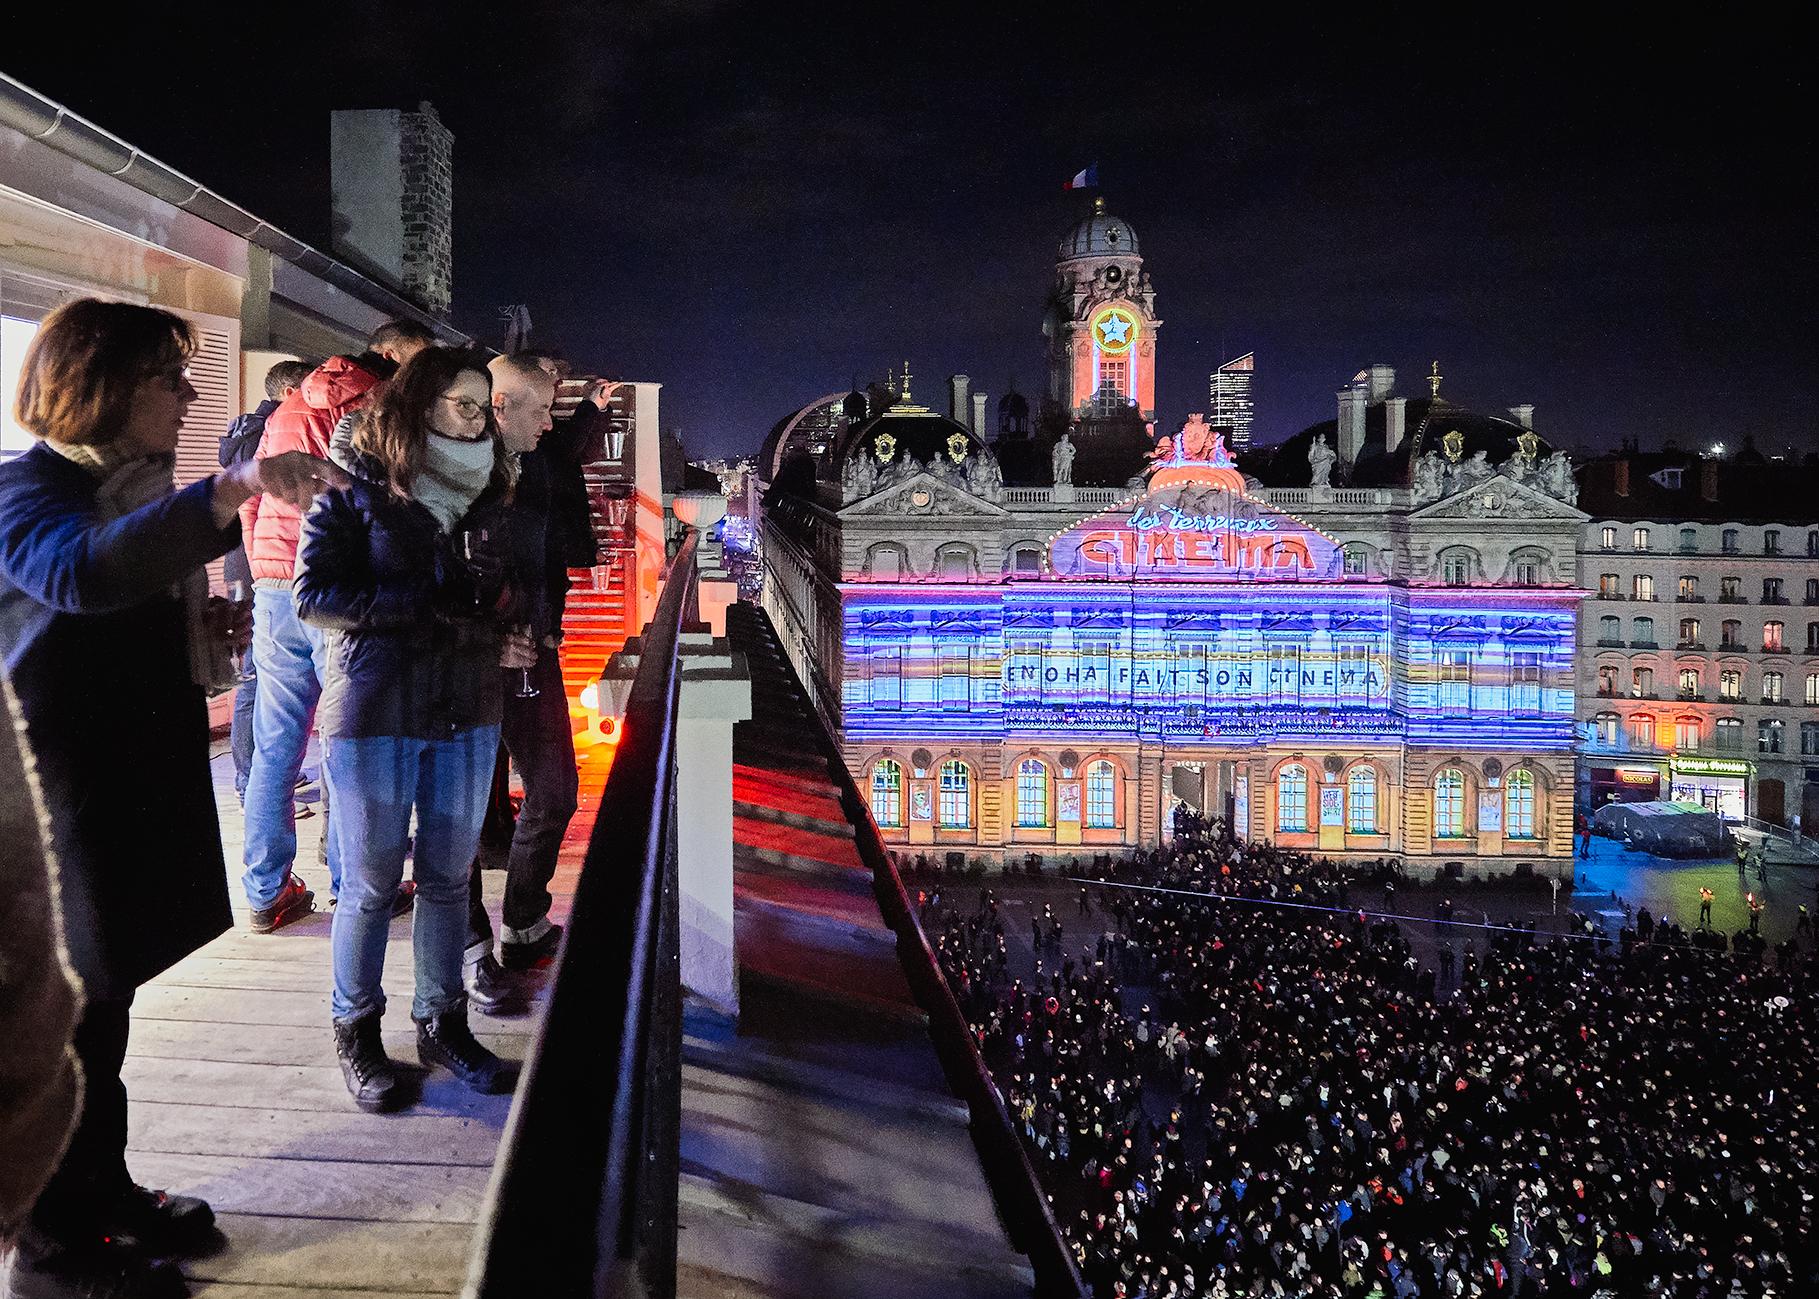 iGuzzini à la Fête des Lumières de Lyon